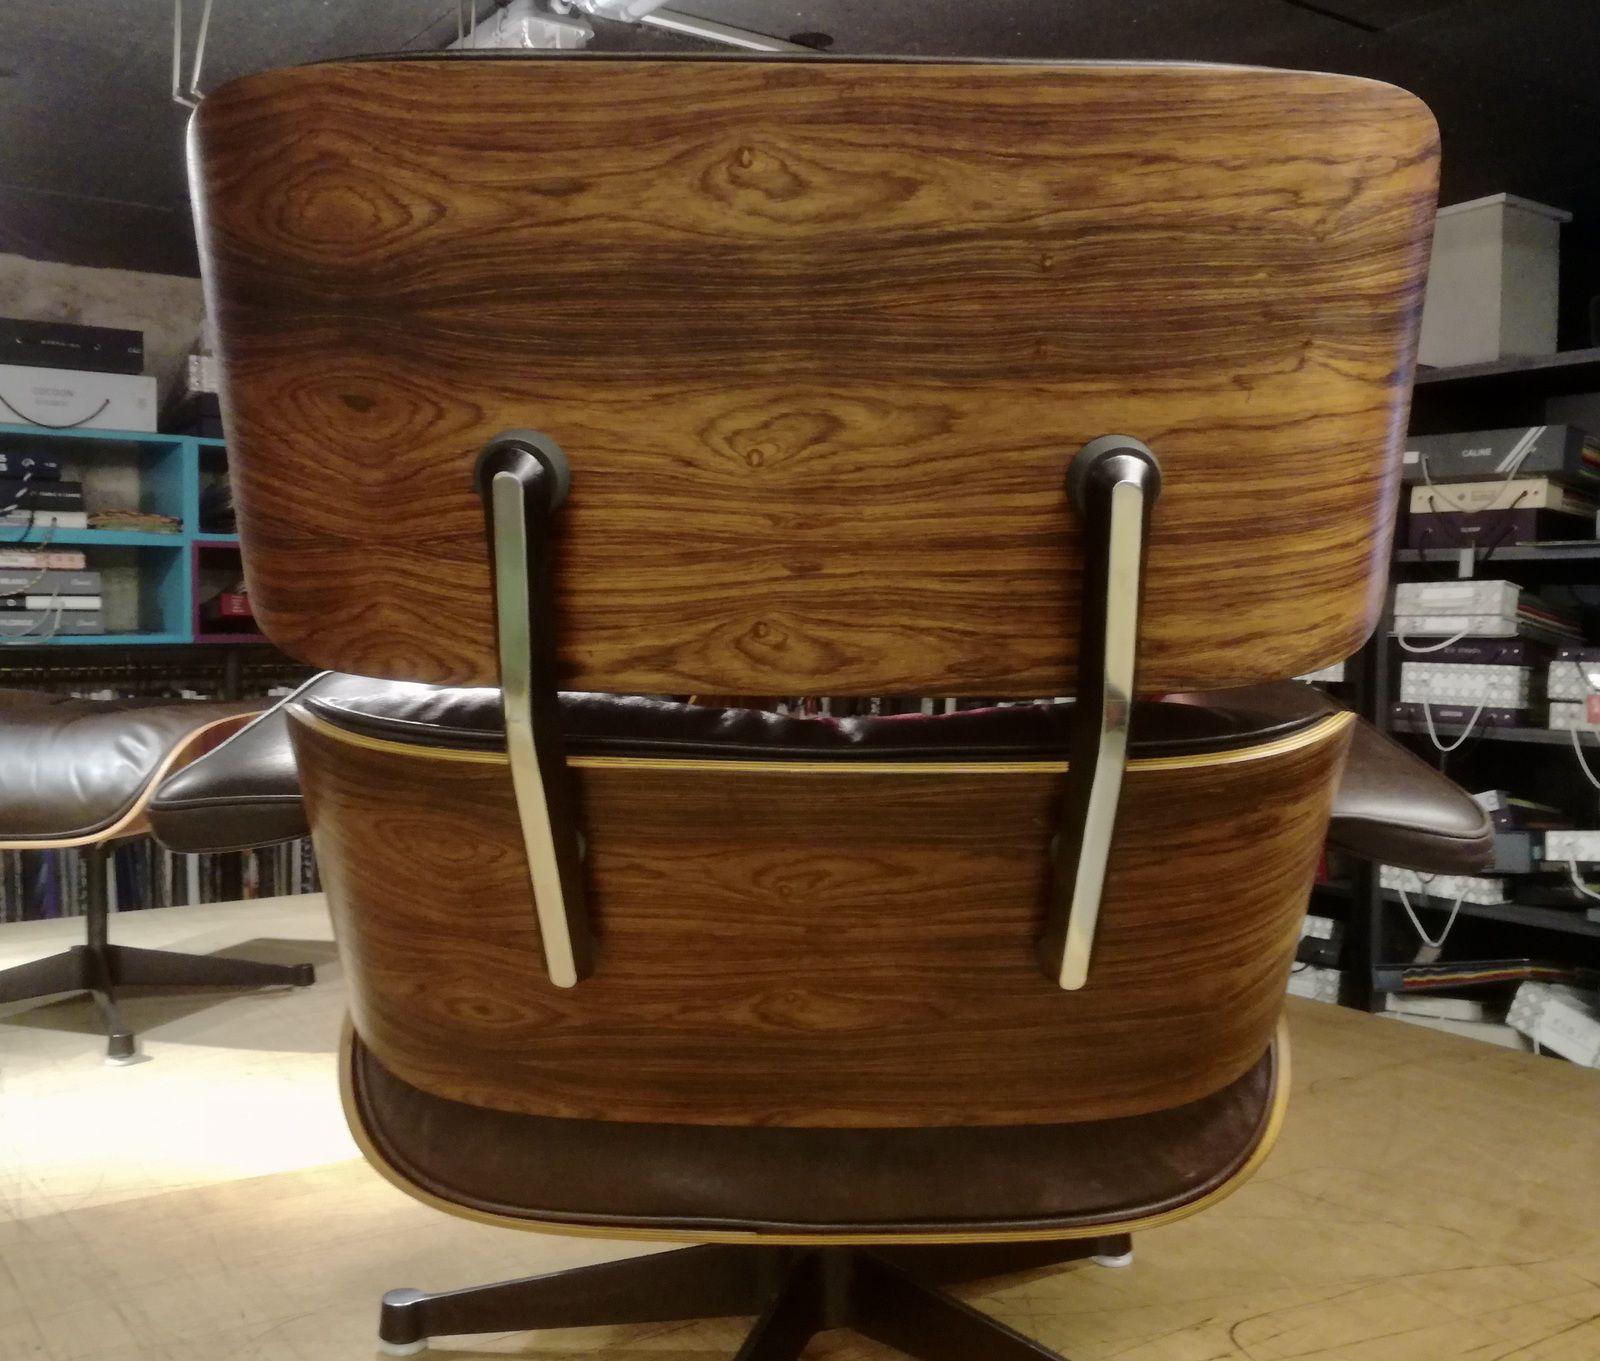 Spécialiste restauration & recollage Eames lounge - Devis sur photos